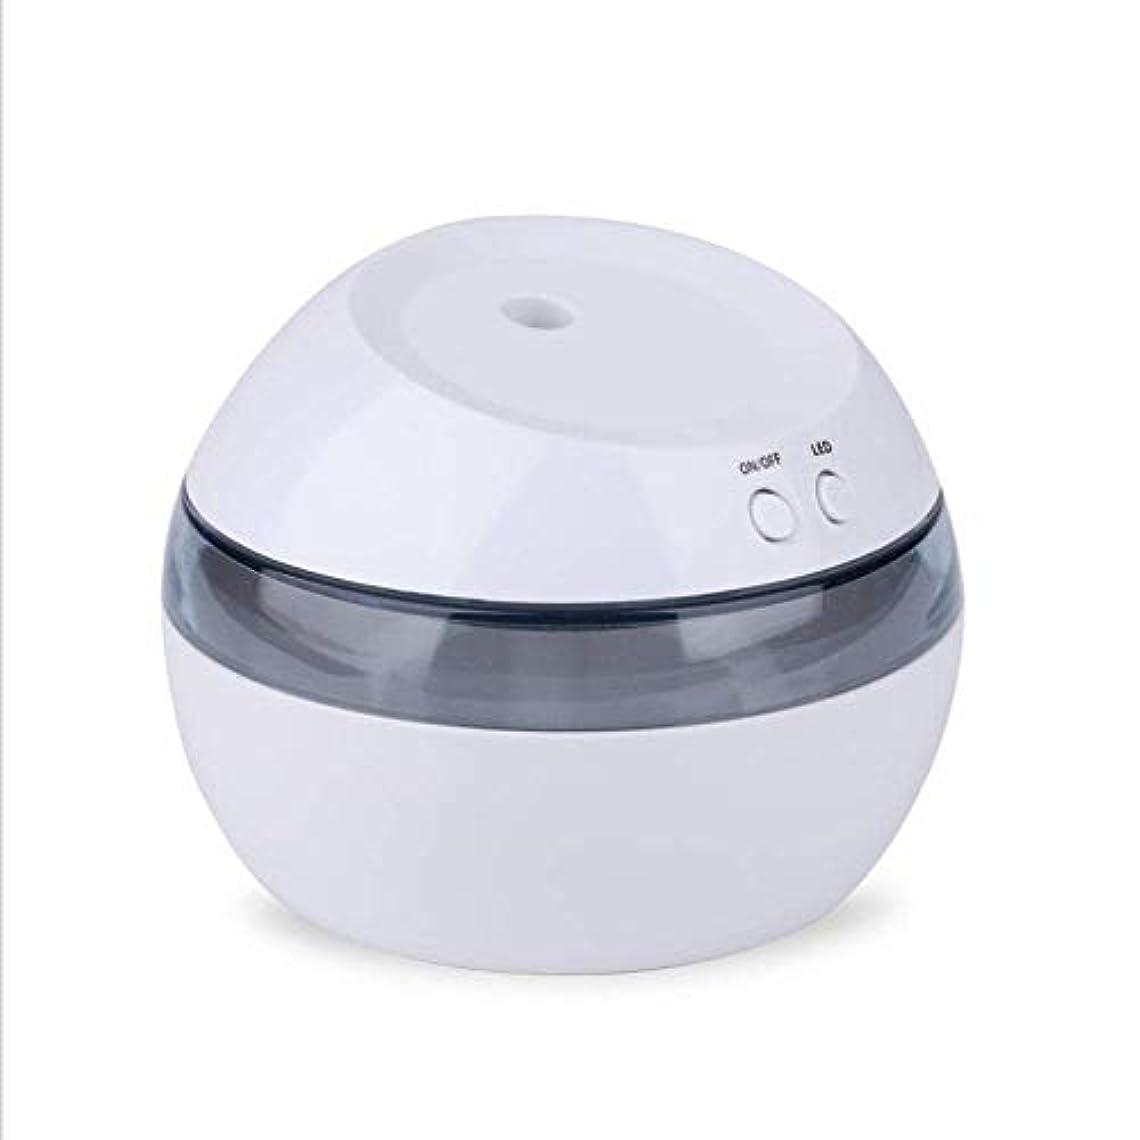 倫理コードスペイン語SOTCE アロマディフューザー加湿器超音波霧化技術エッセンシャルオイル電気アロマセラピー満足のいく解決策 (Color : White)